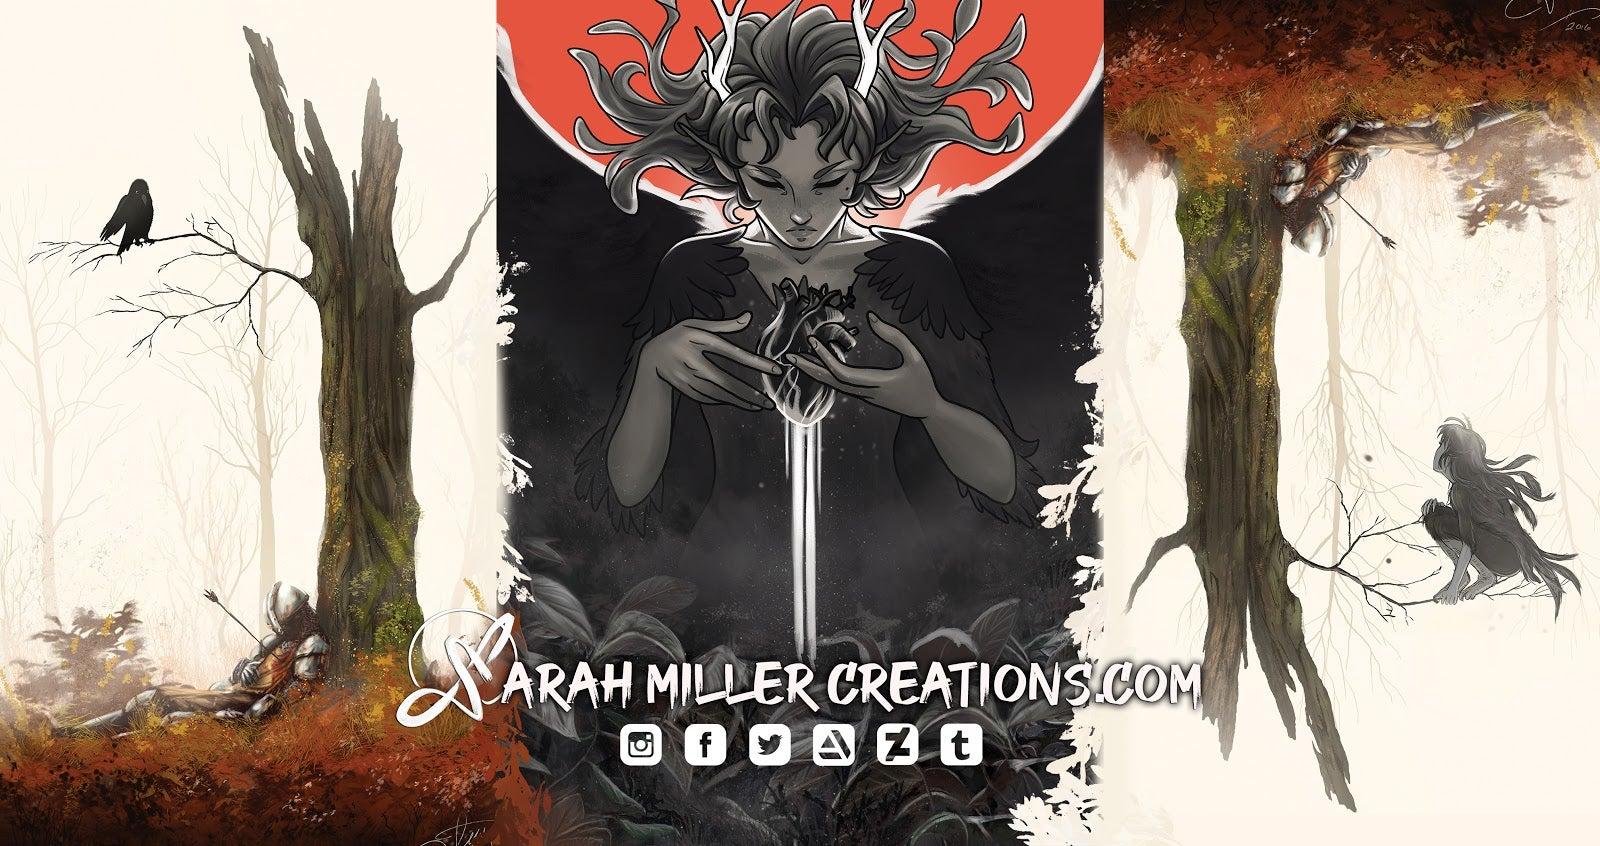 Sarah Miller Creations